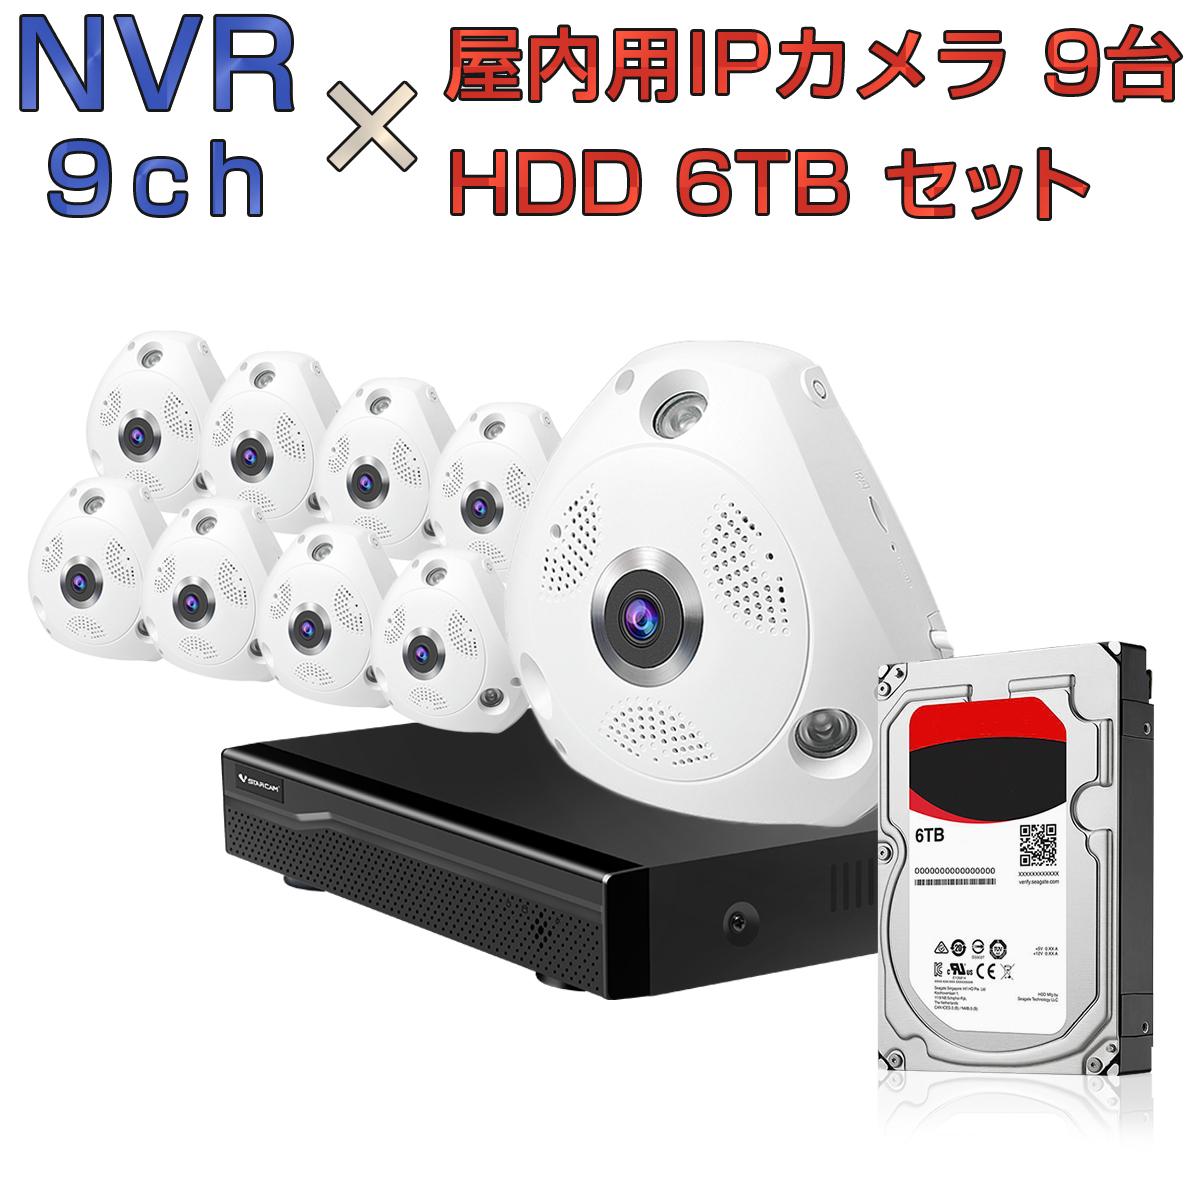 NVR ネットワークビデオレコーダー 9ch HDD6TB内蔵 C61S 2K 1080P 200万画素カメラ 9台セット IP ONVIF形式 スマホ対応 遠隔監視 1080P FHD 動体検知 同時出力 録音対応 H.265+ IPカメラレコーダー監視システム 宅配便送料無料 1年保証